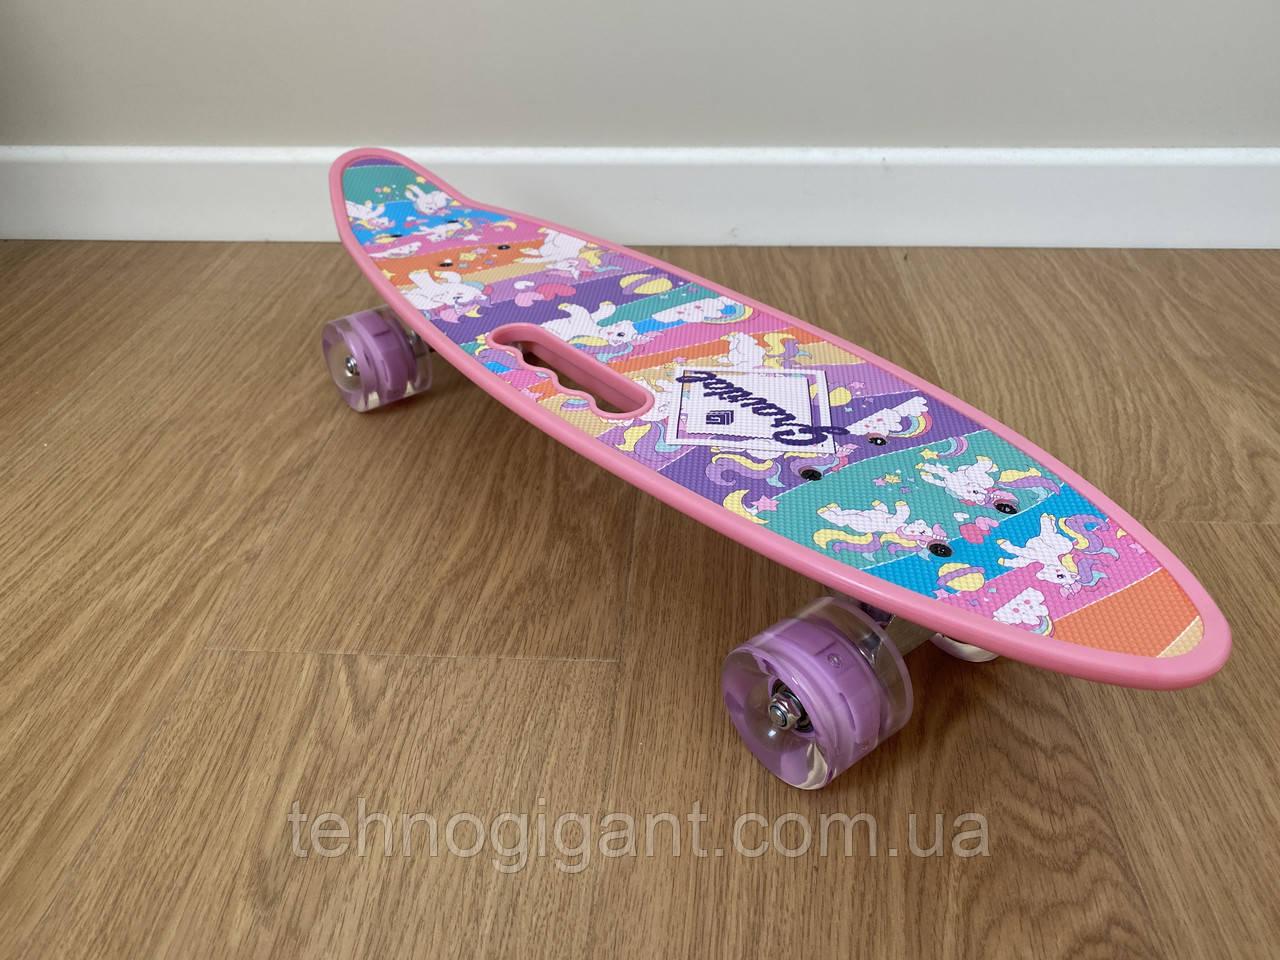 Скейт Penny Board, с широкими светящимися колесами с ручкой, Пенни борд, детский ,от 5 лет, Розовый Пони, Pony